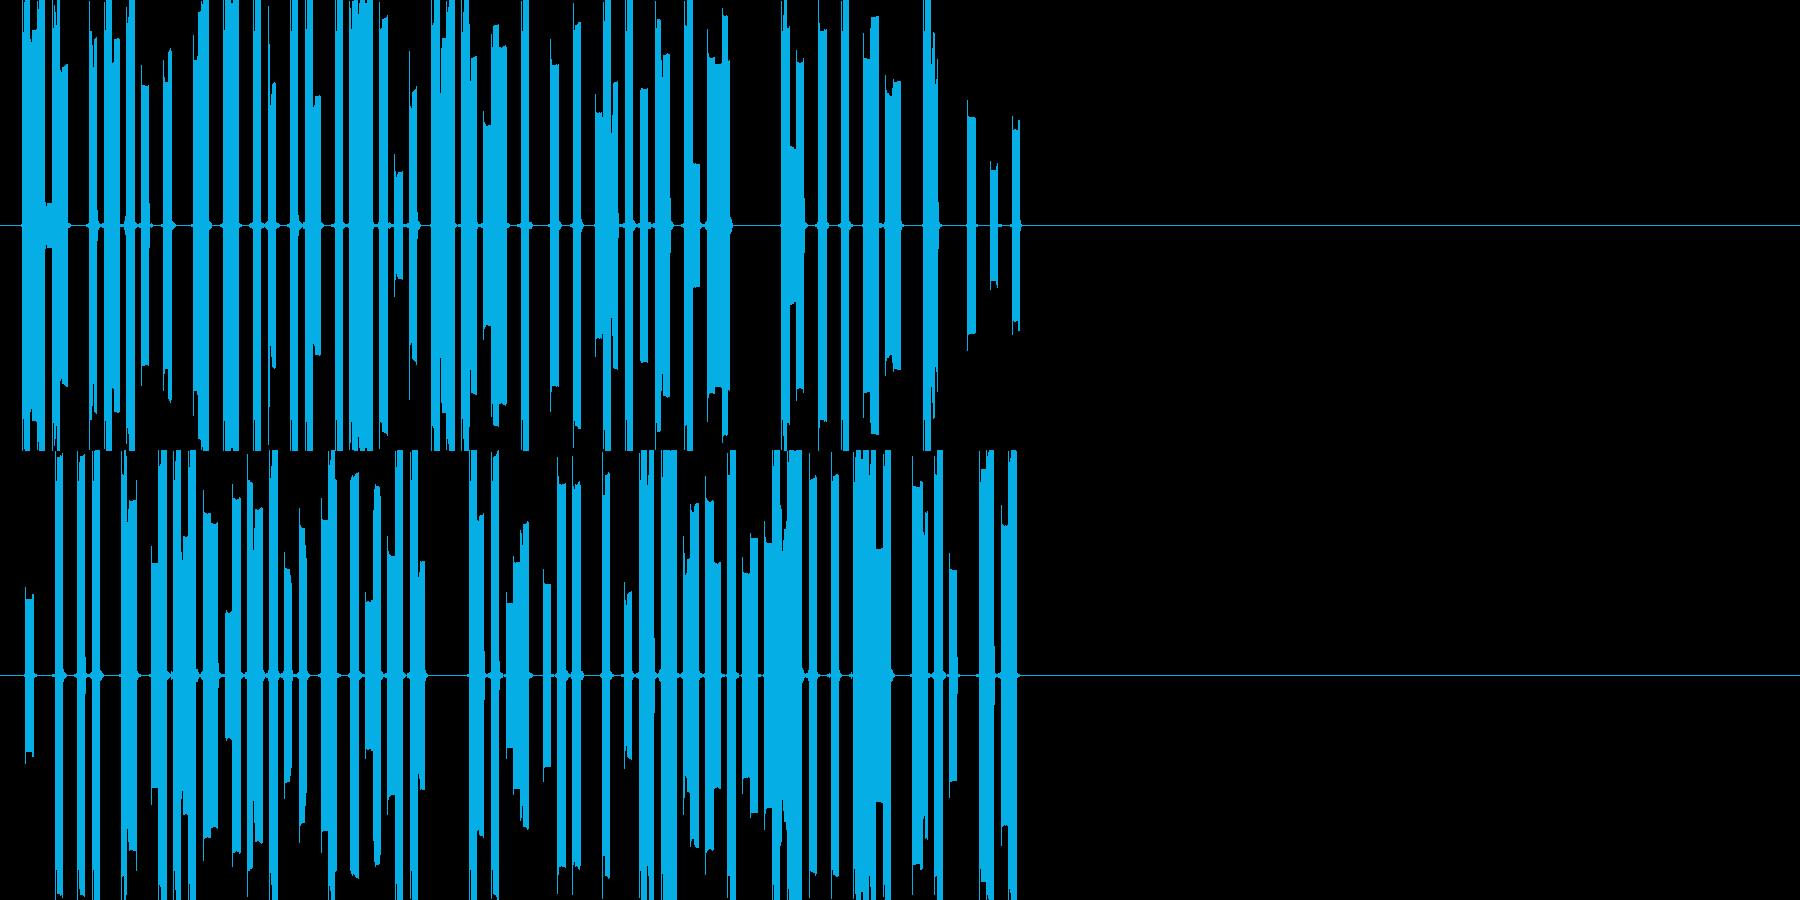 ビービービー(電気が流れるイメージ)の再生済みの波形